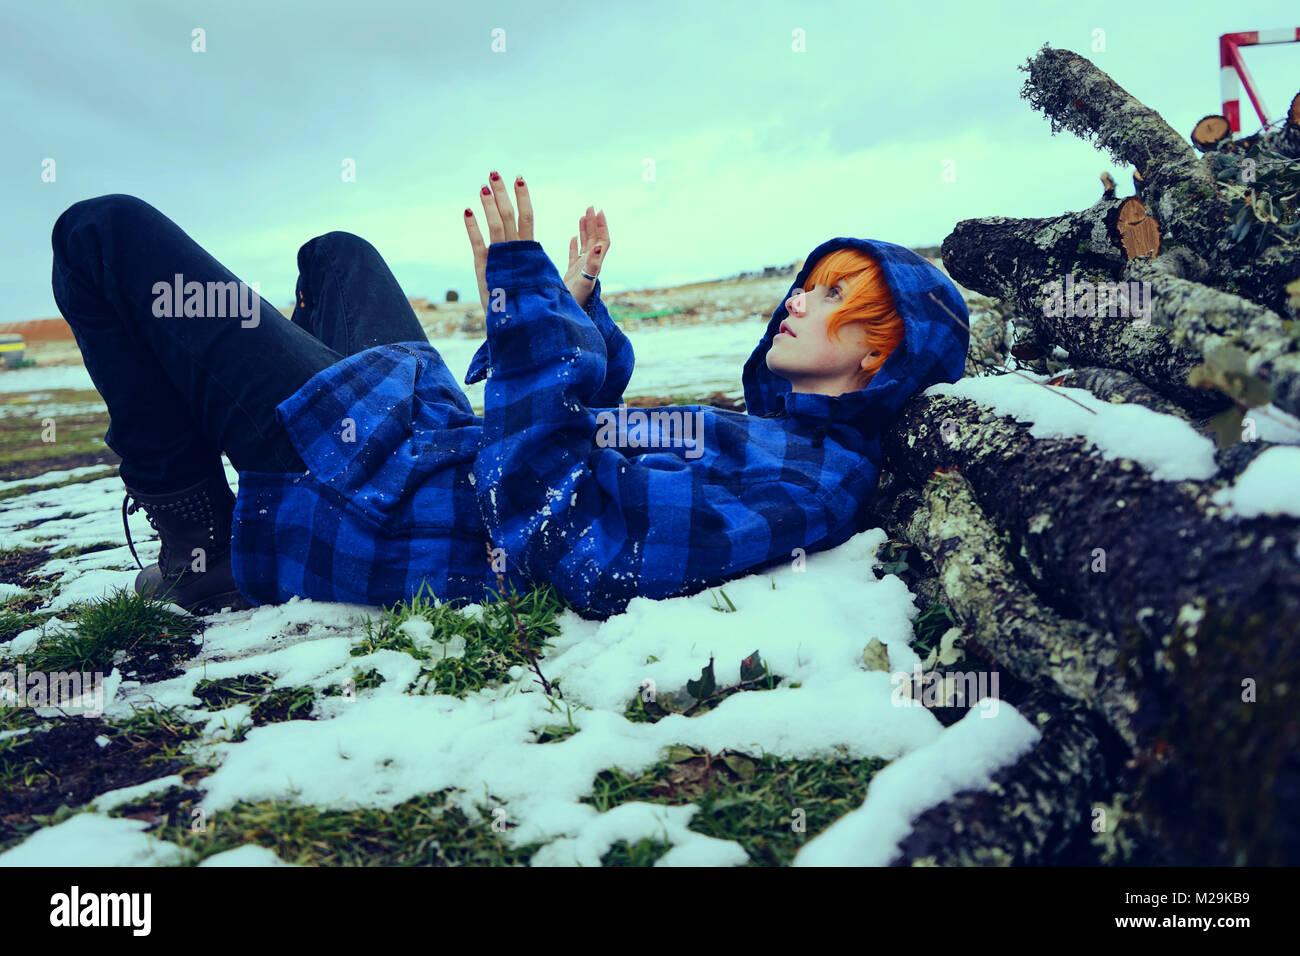 Adolescent dans un jour froid et enneigé Photo Stock